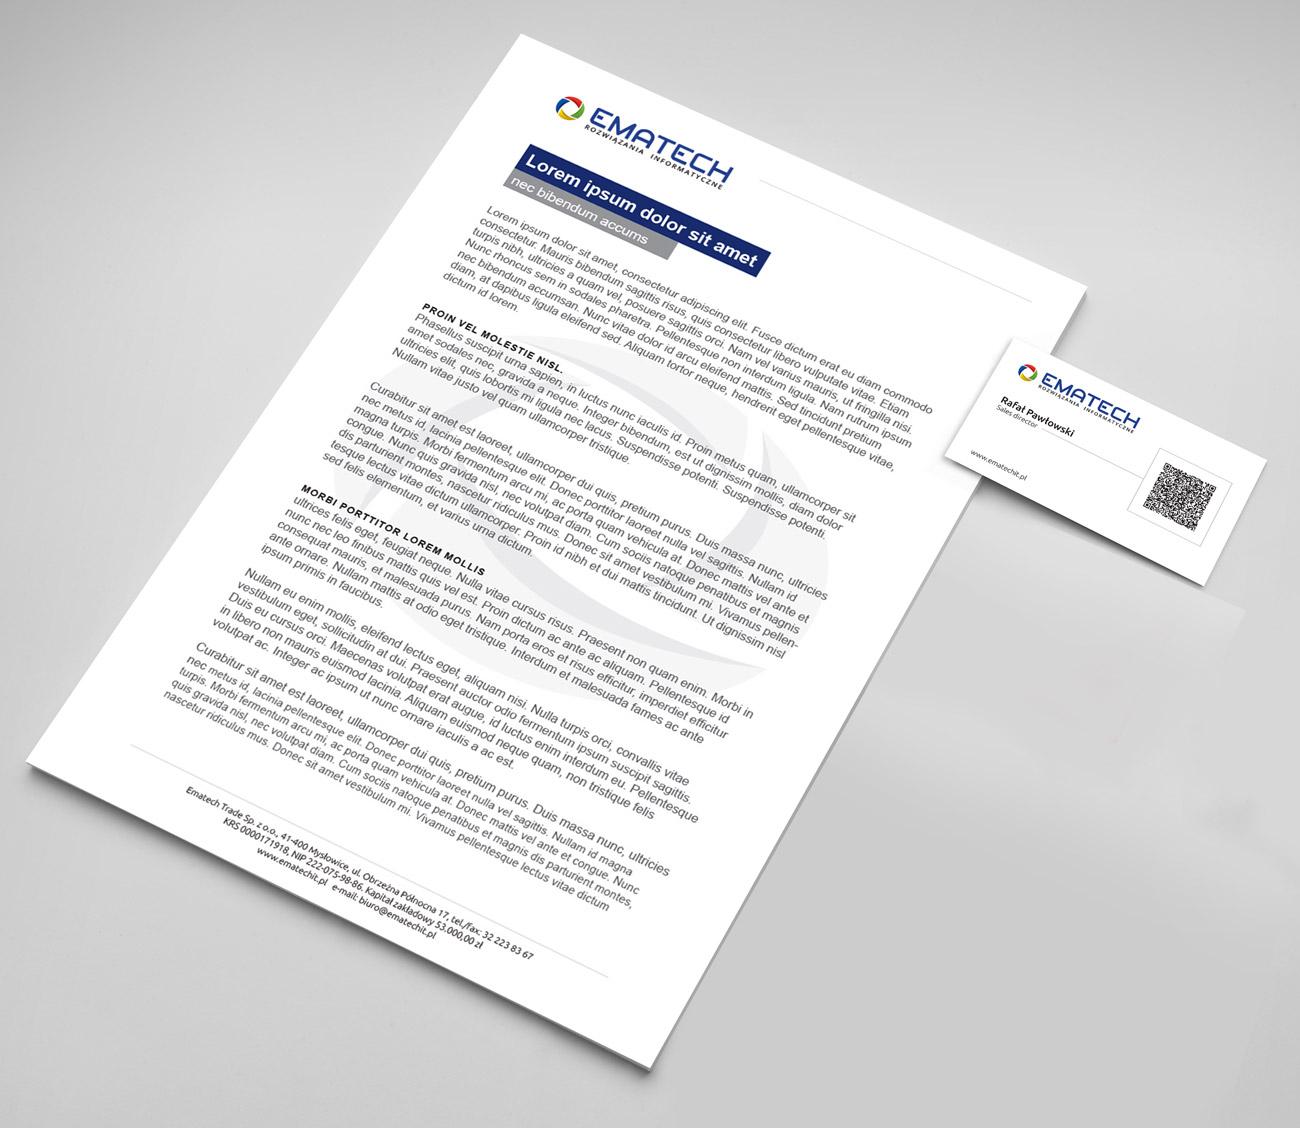 Ematech - papier firmowy i wizytówki